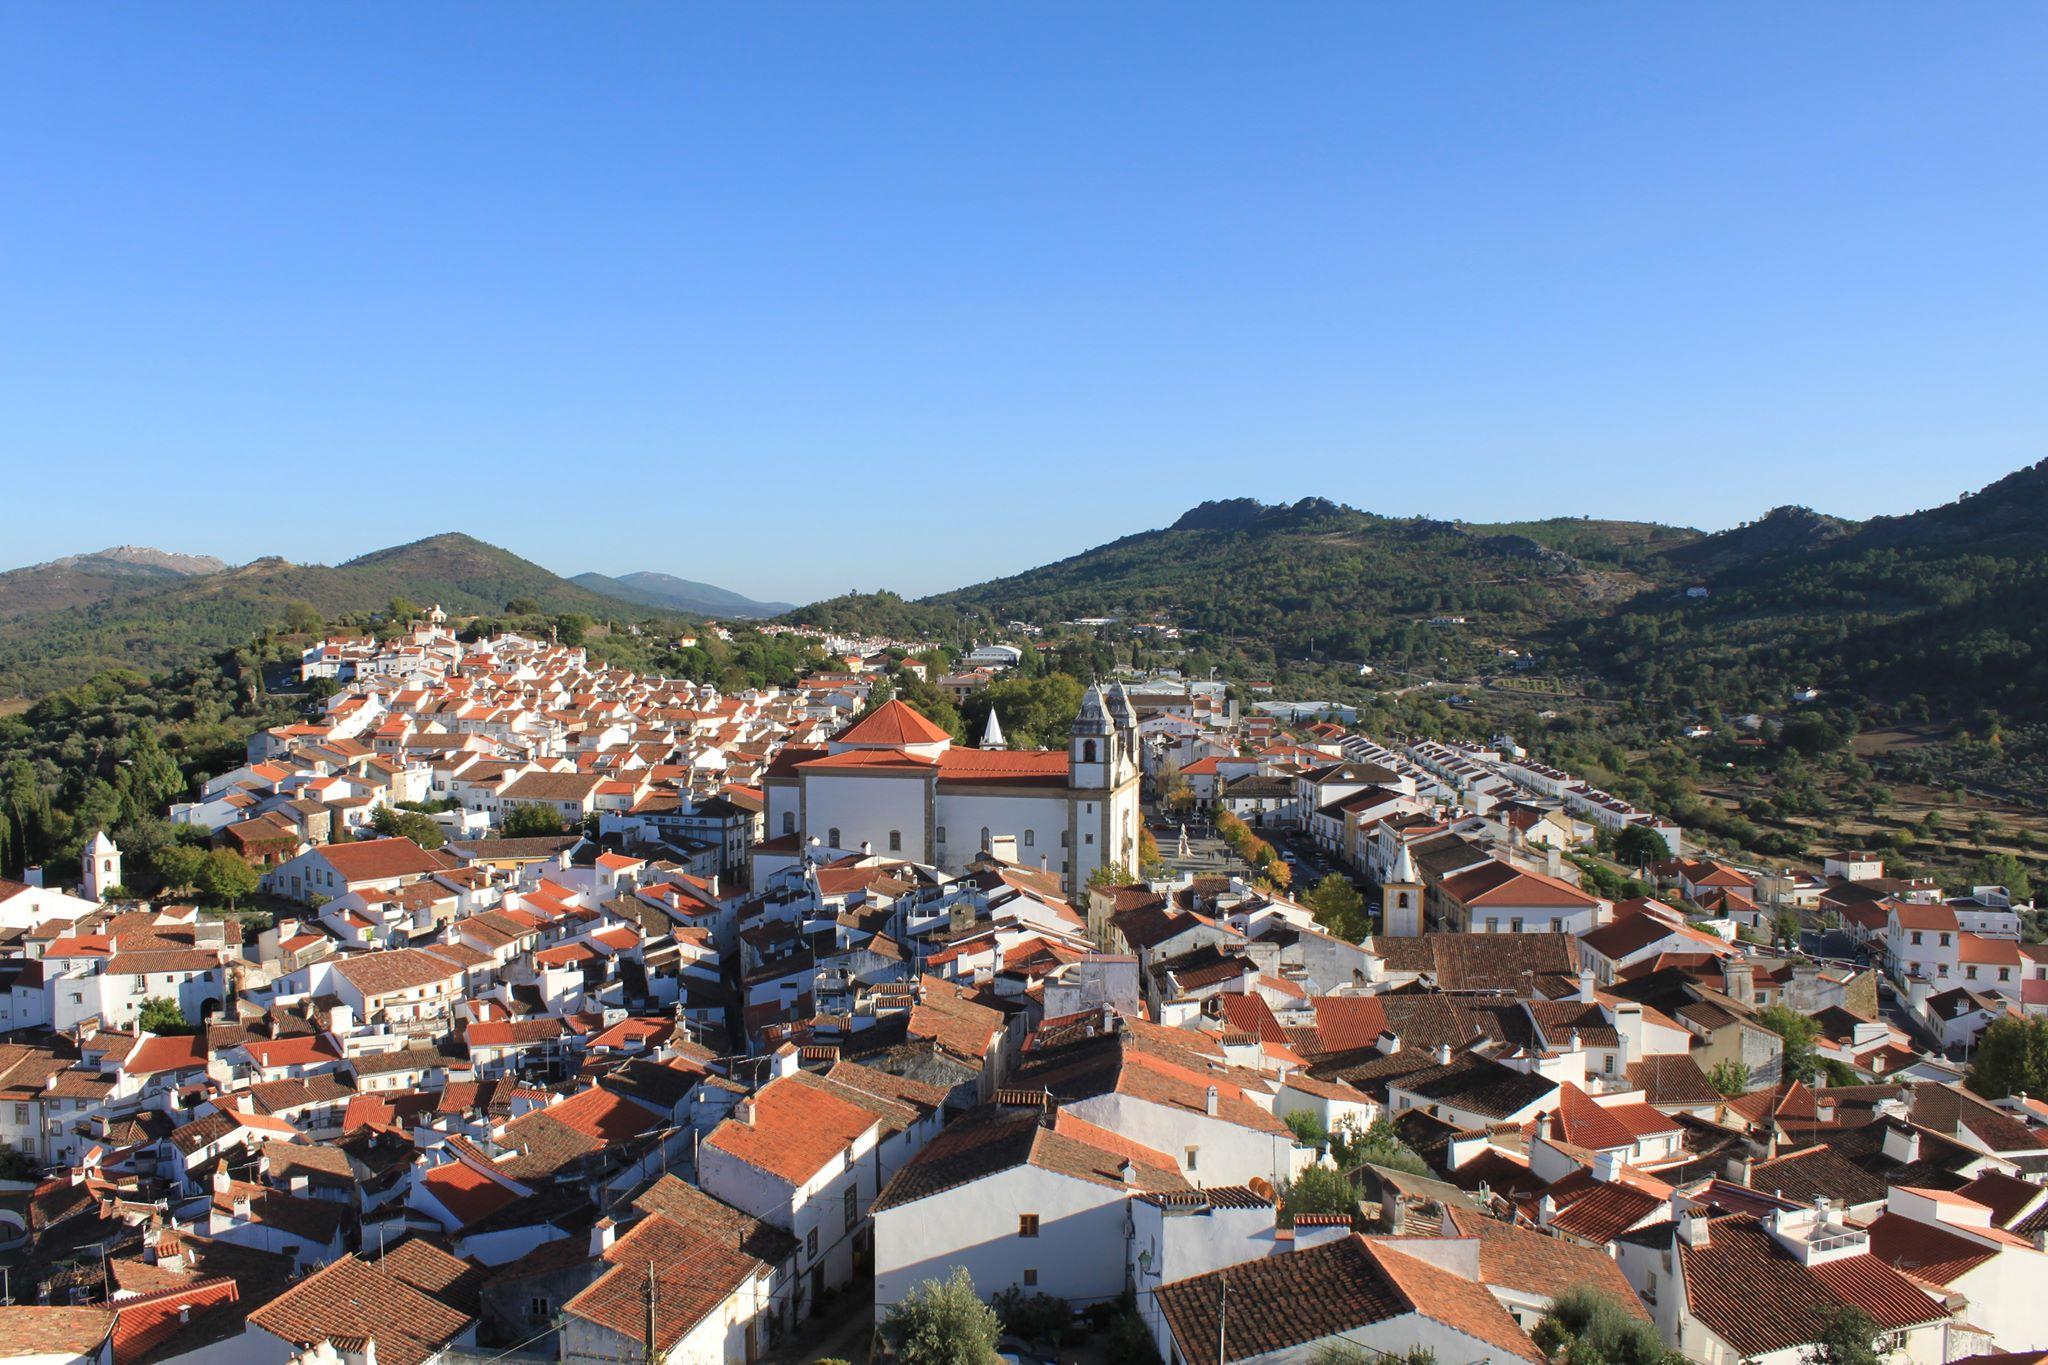 Castelo de Vide Alentejo